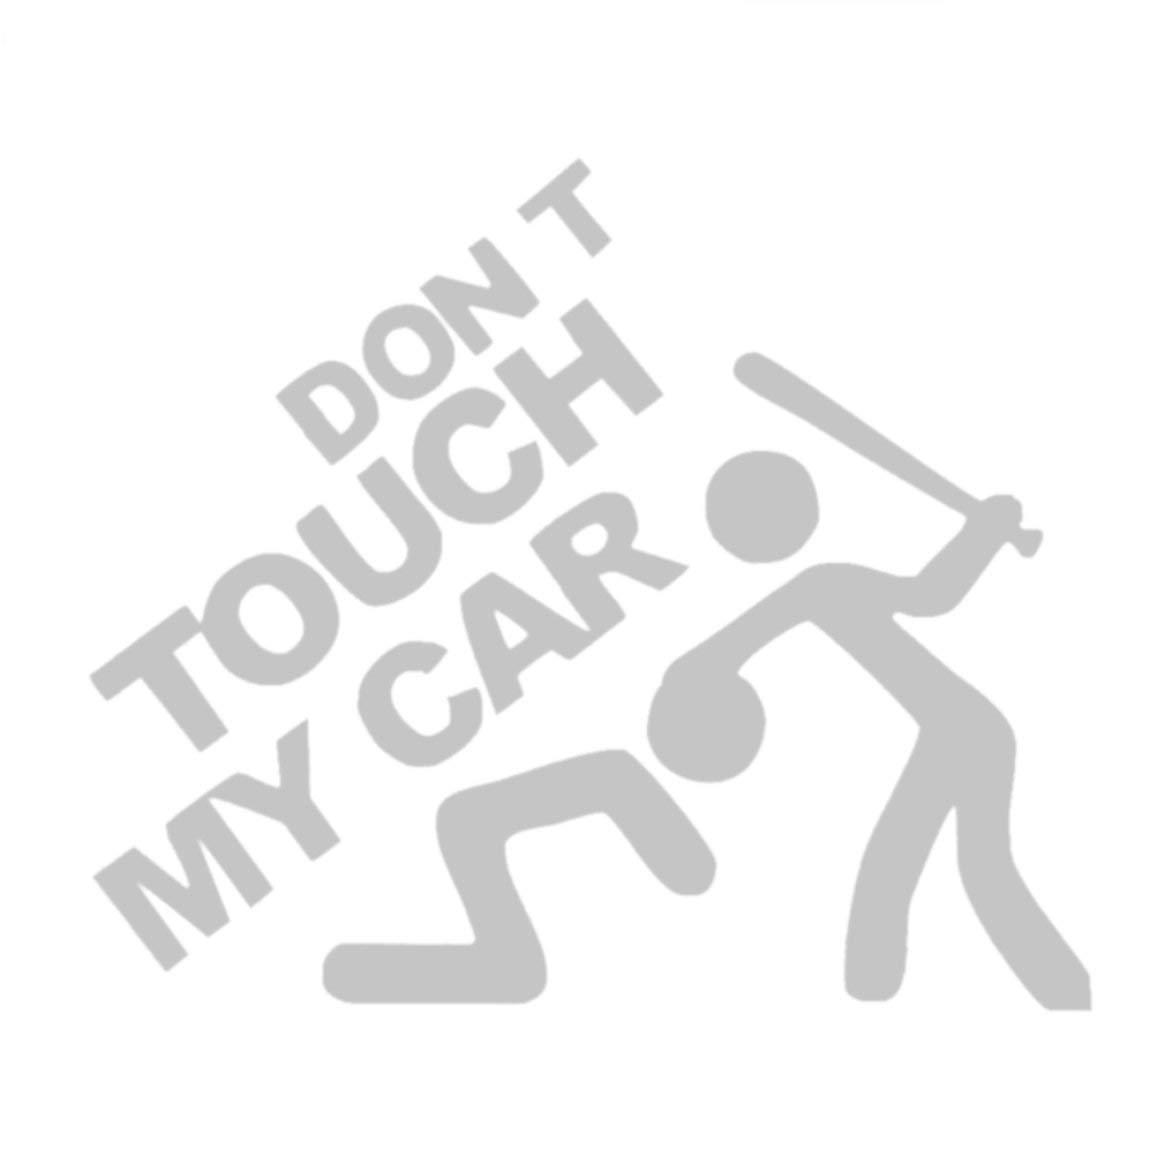 Súper fresco No toque mi auto Impreso auto Impermeable Etiqueta de moda Advertencia de seguridad Dibujos animados Pegatina decorativa - Blanco Delicacydex